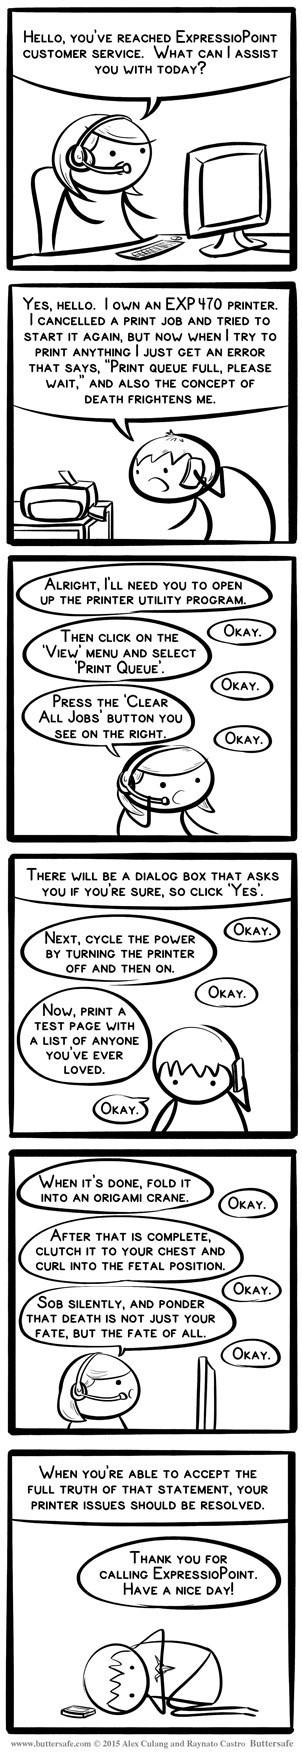 funny-web-comics-printer-problems